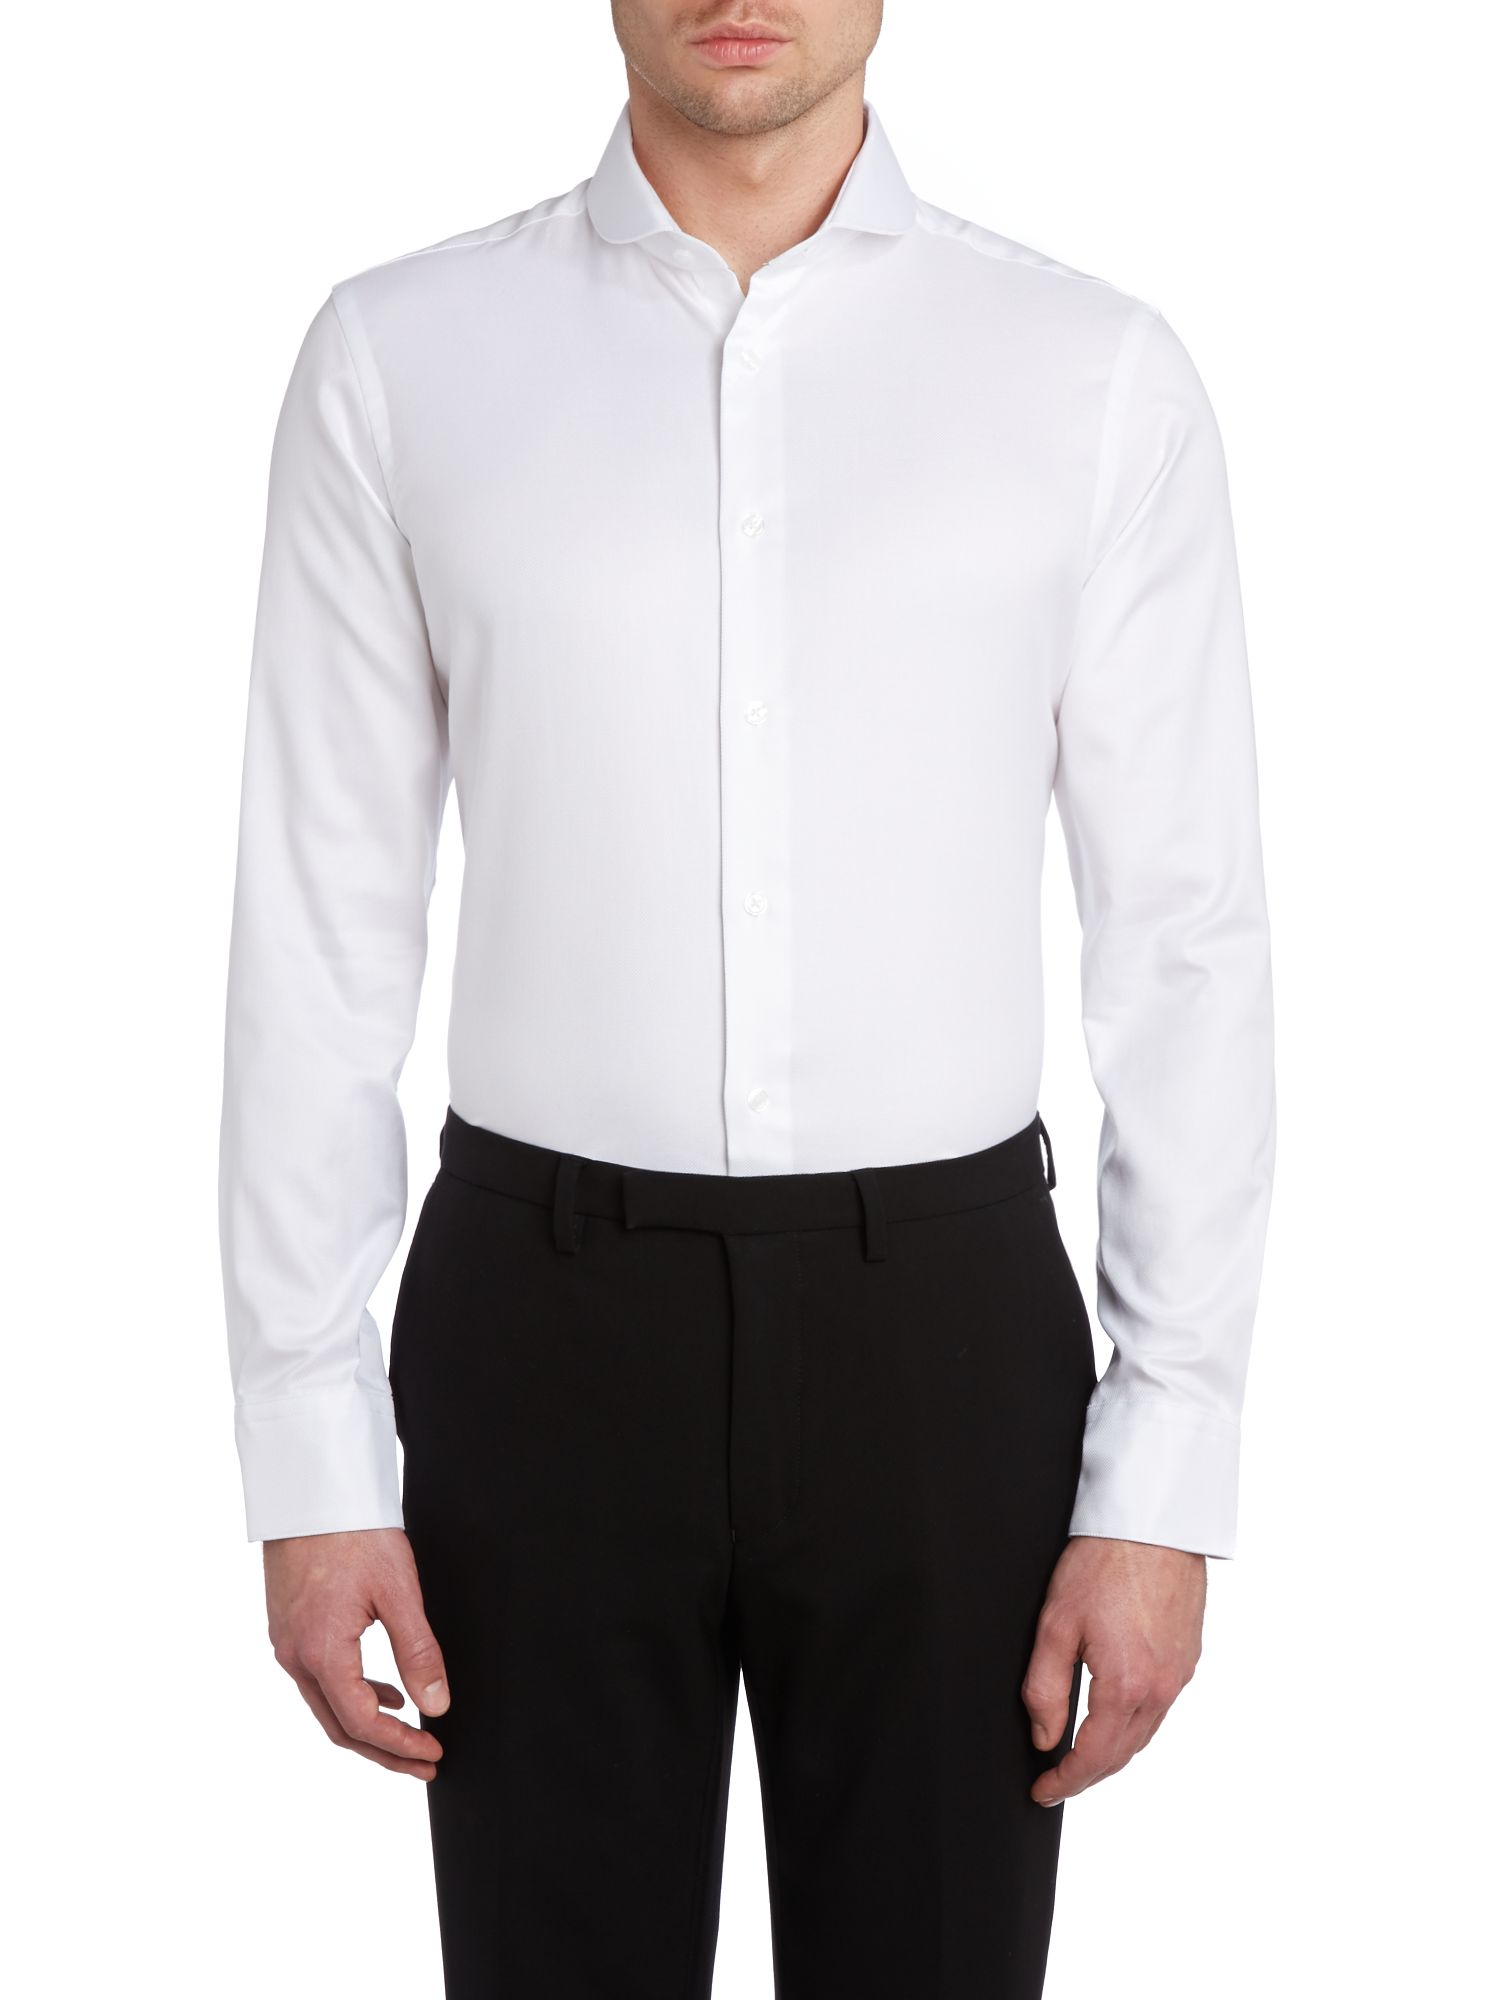 Cutaway Collar Shirts India